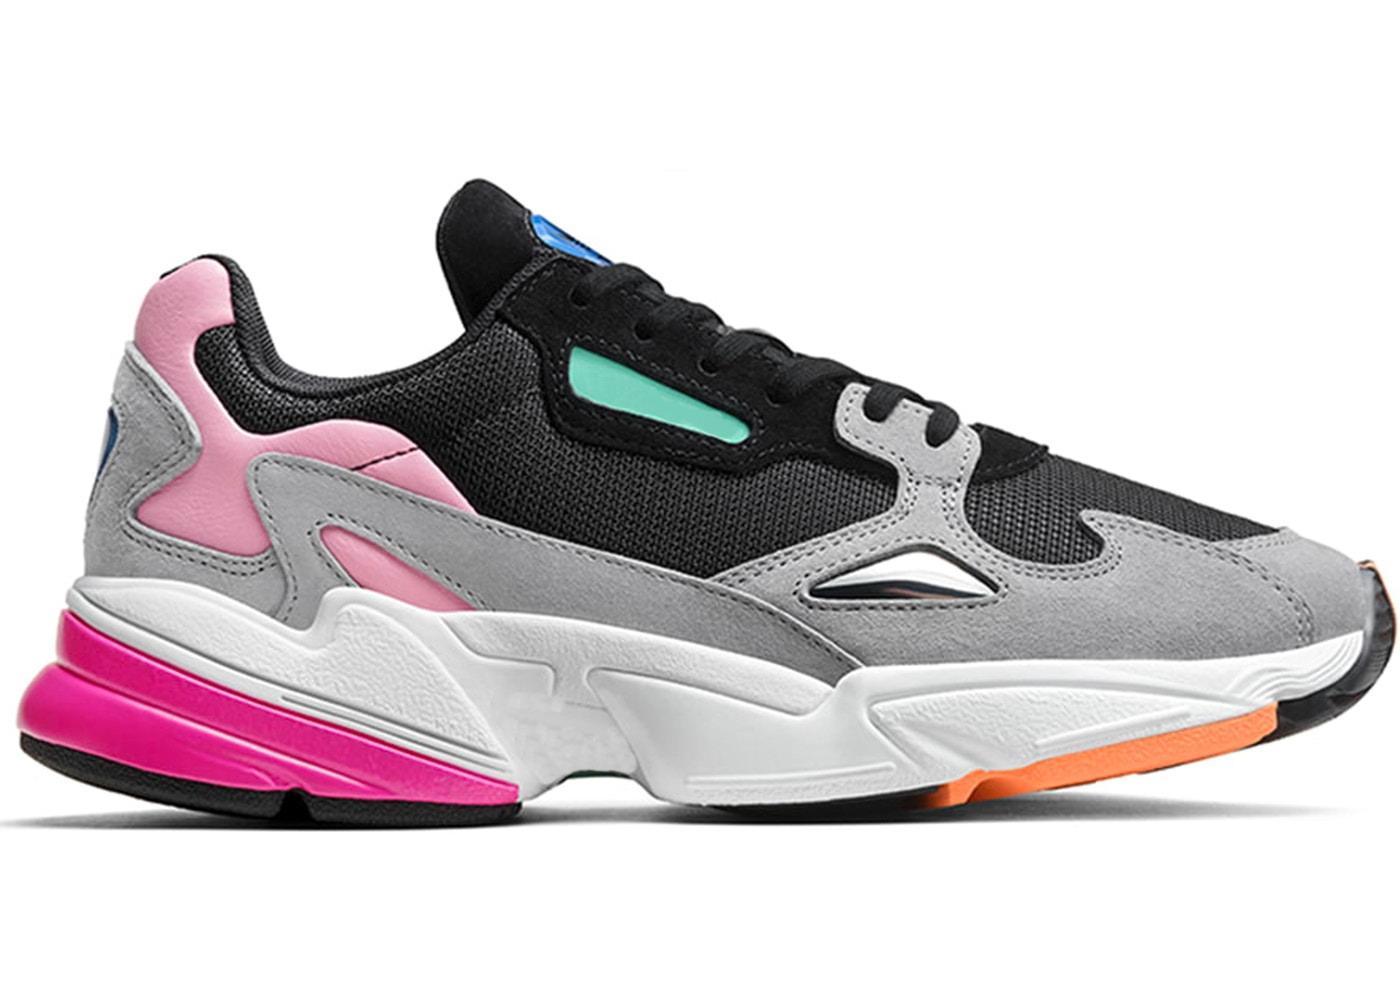 98c3da486bc369 Спортивне взуття: 90-ті в тренді - Жіночий журнал про моду, красу ...